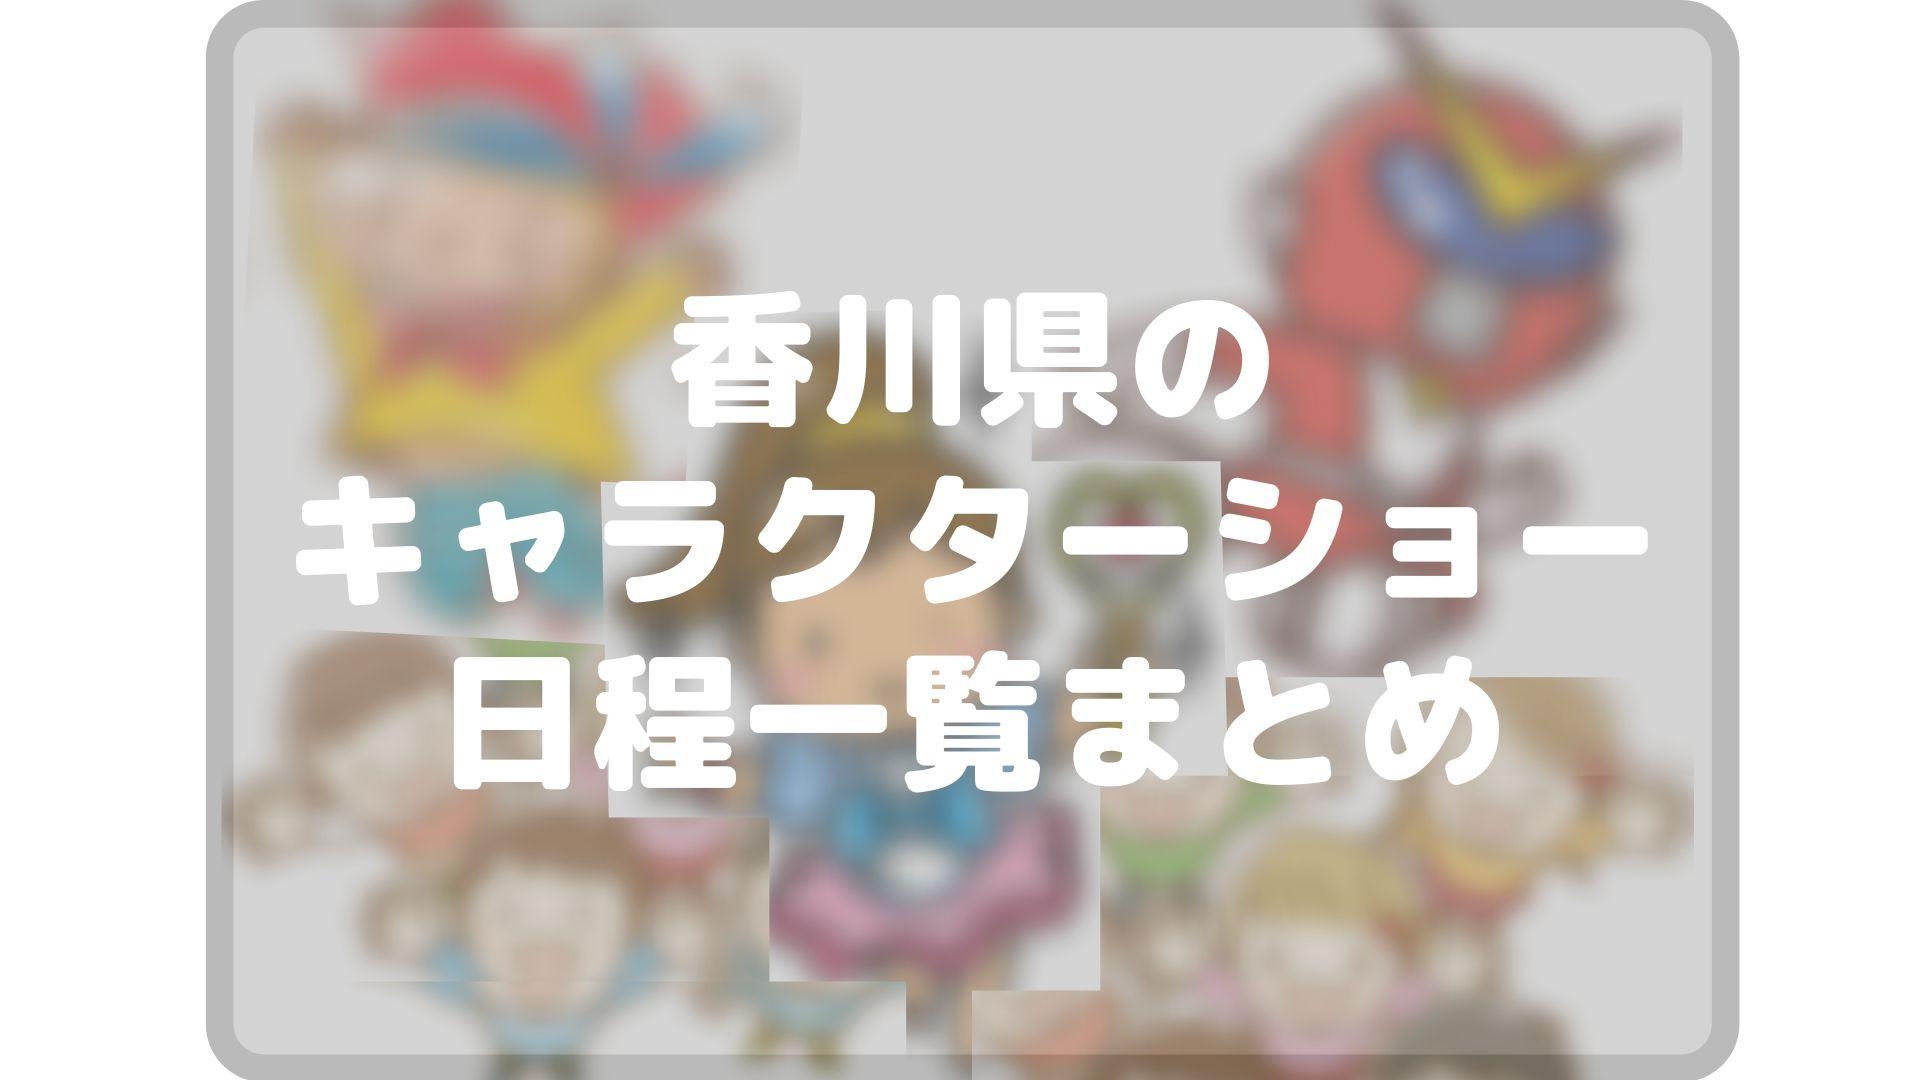 香川県のキャラクターショーまとめタイトル画像